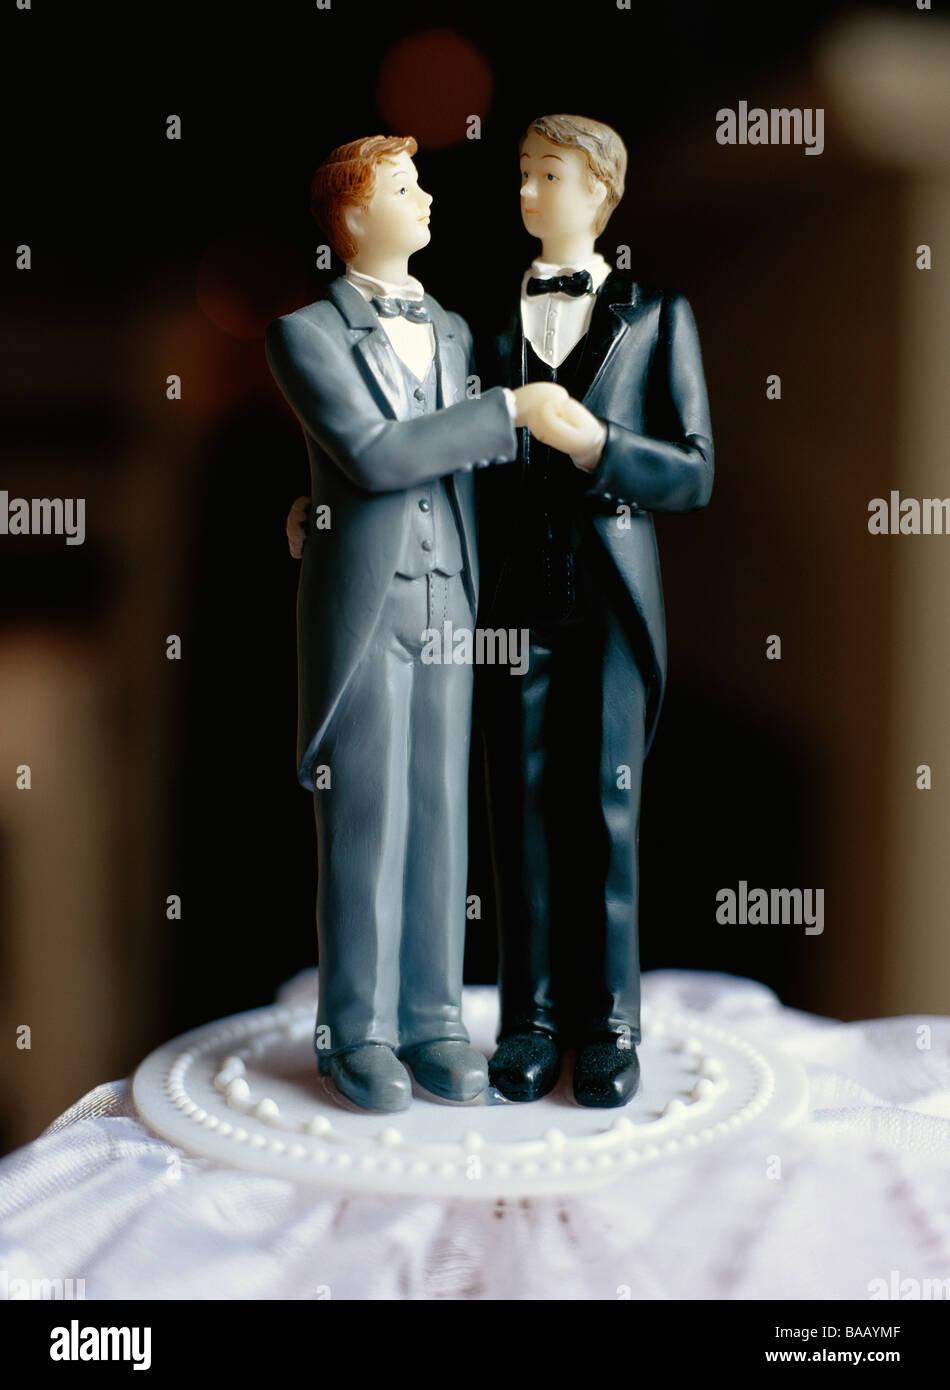 Um gay Suite casal em um bolo, Suécia. Imagens de Stock